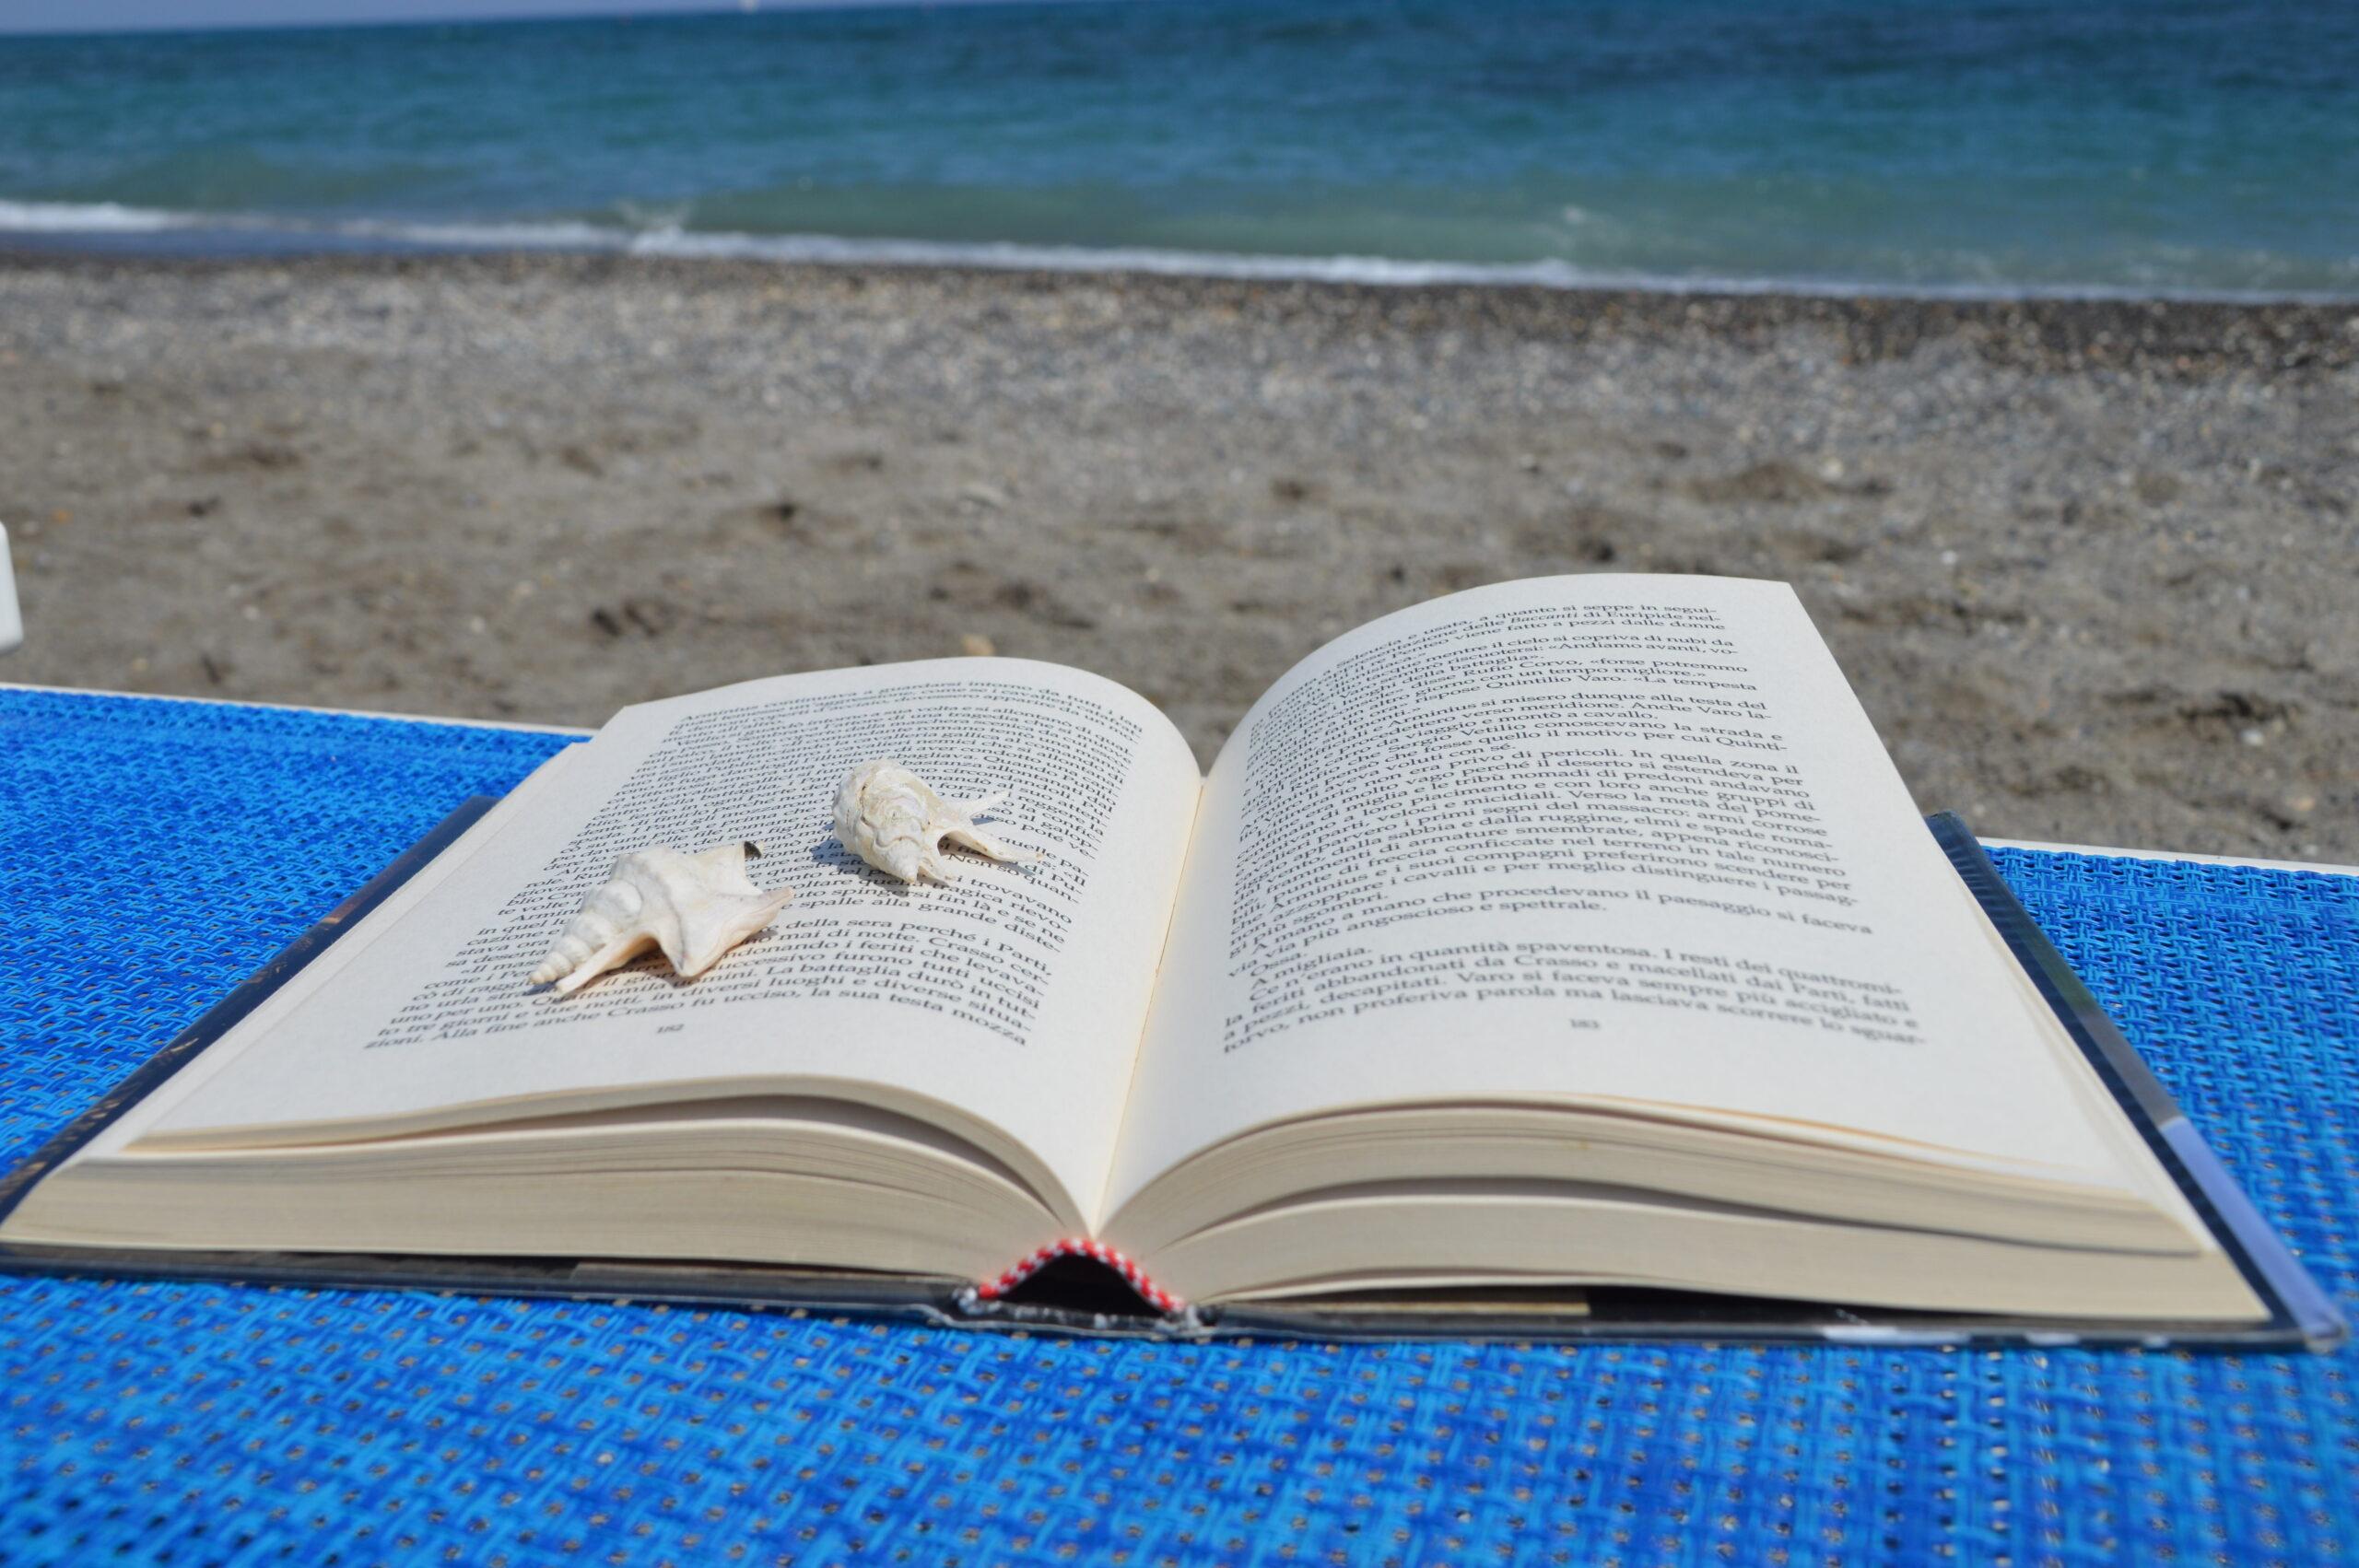 LA BIBLIOTECA IN VACANZA! Suggerimenti di lettura